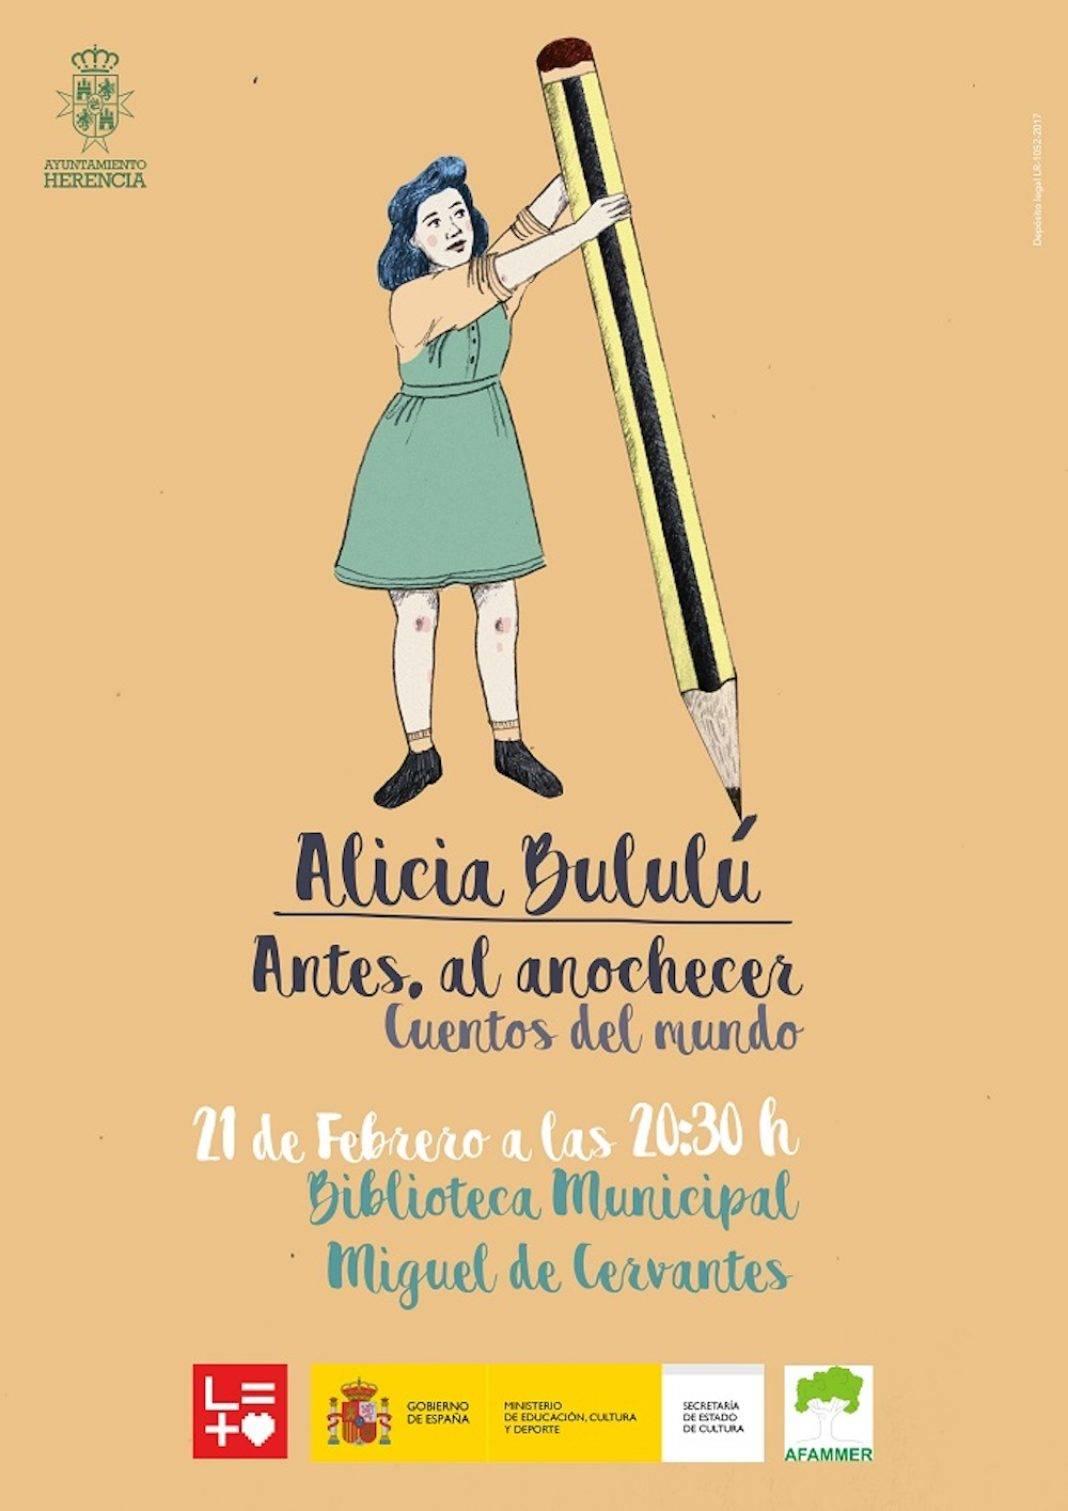 Cuentacuentos para jóvenes y adultos con Alicia Bululú 4